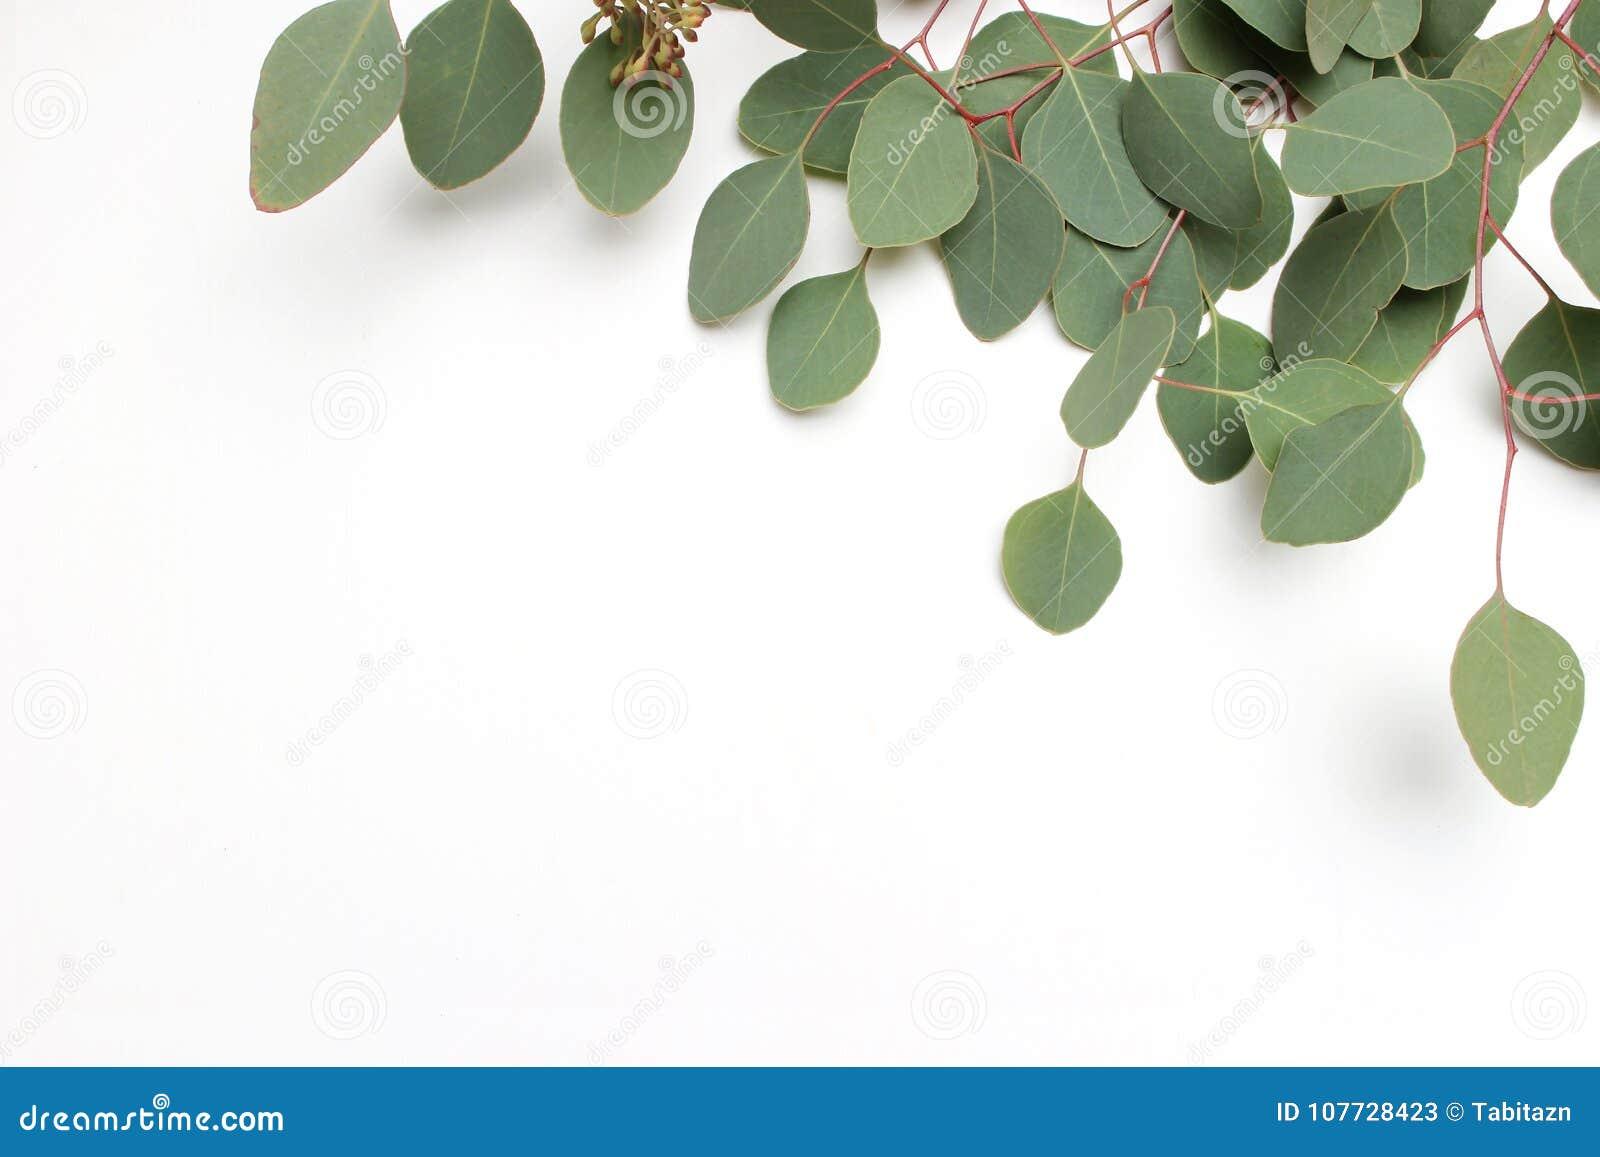 框架、边界由绿色银元玉树灰质的叶子制成和分支在白色背景 所有所有构成要素花卉例证各自的对象称范围纹理导航